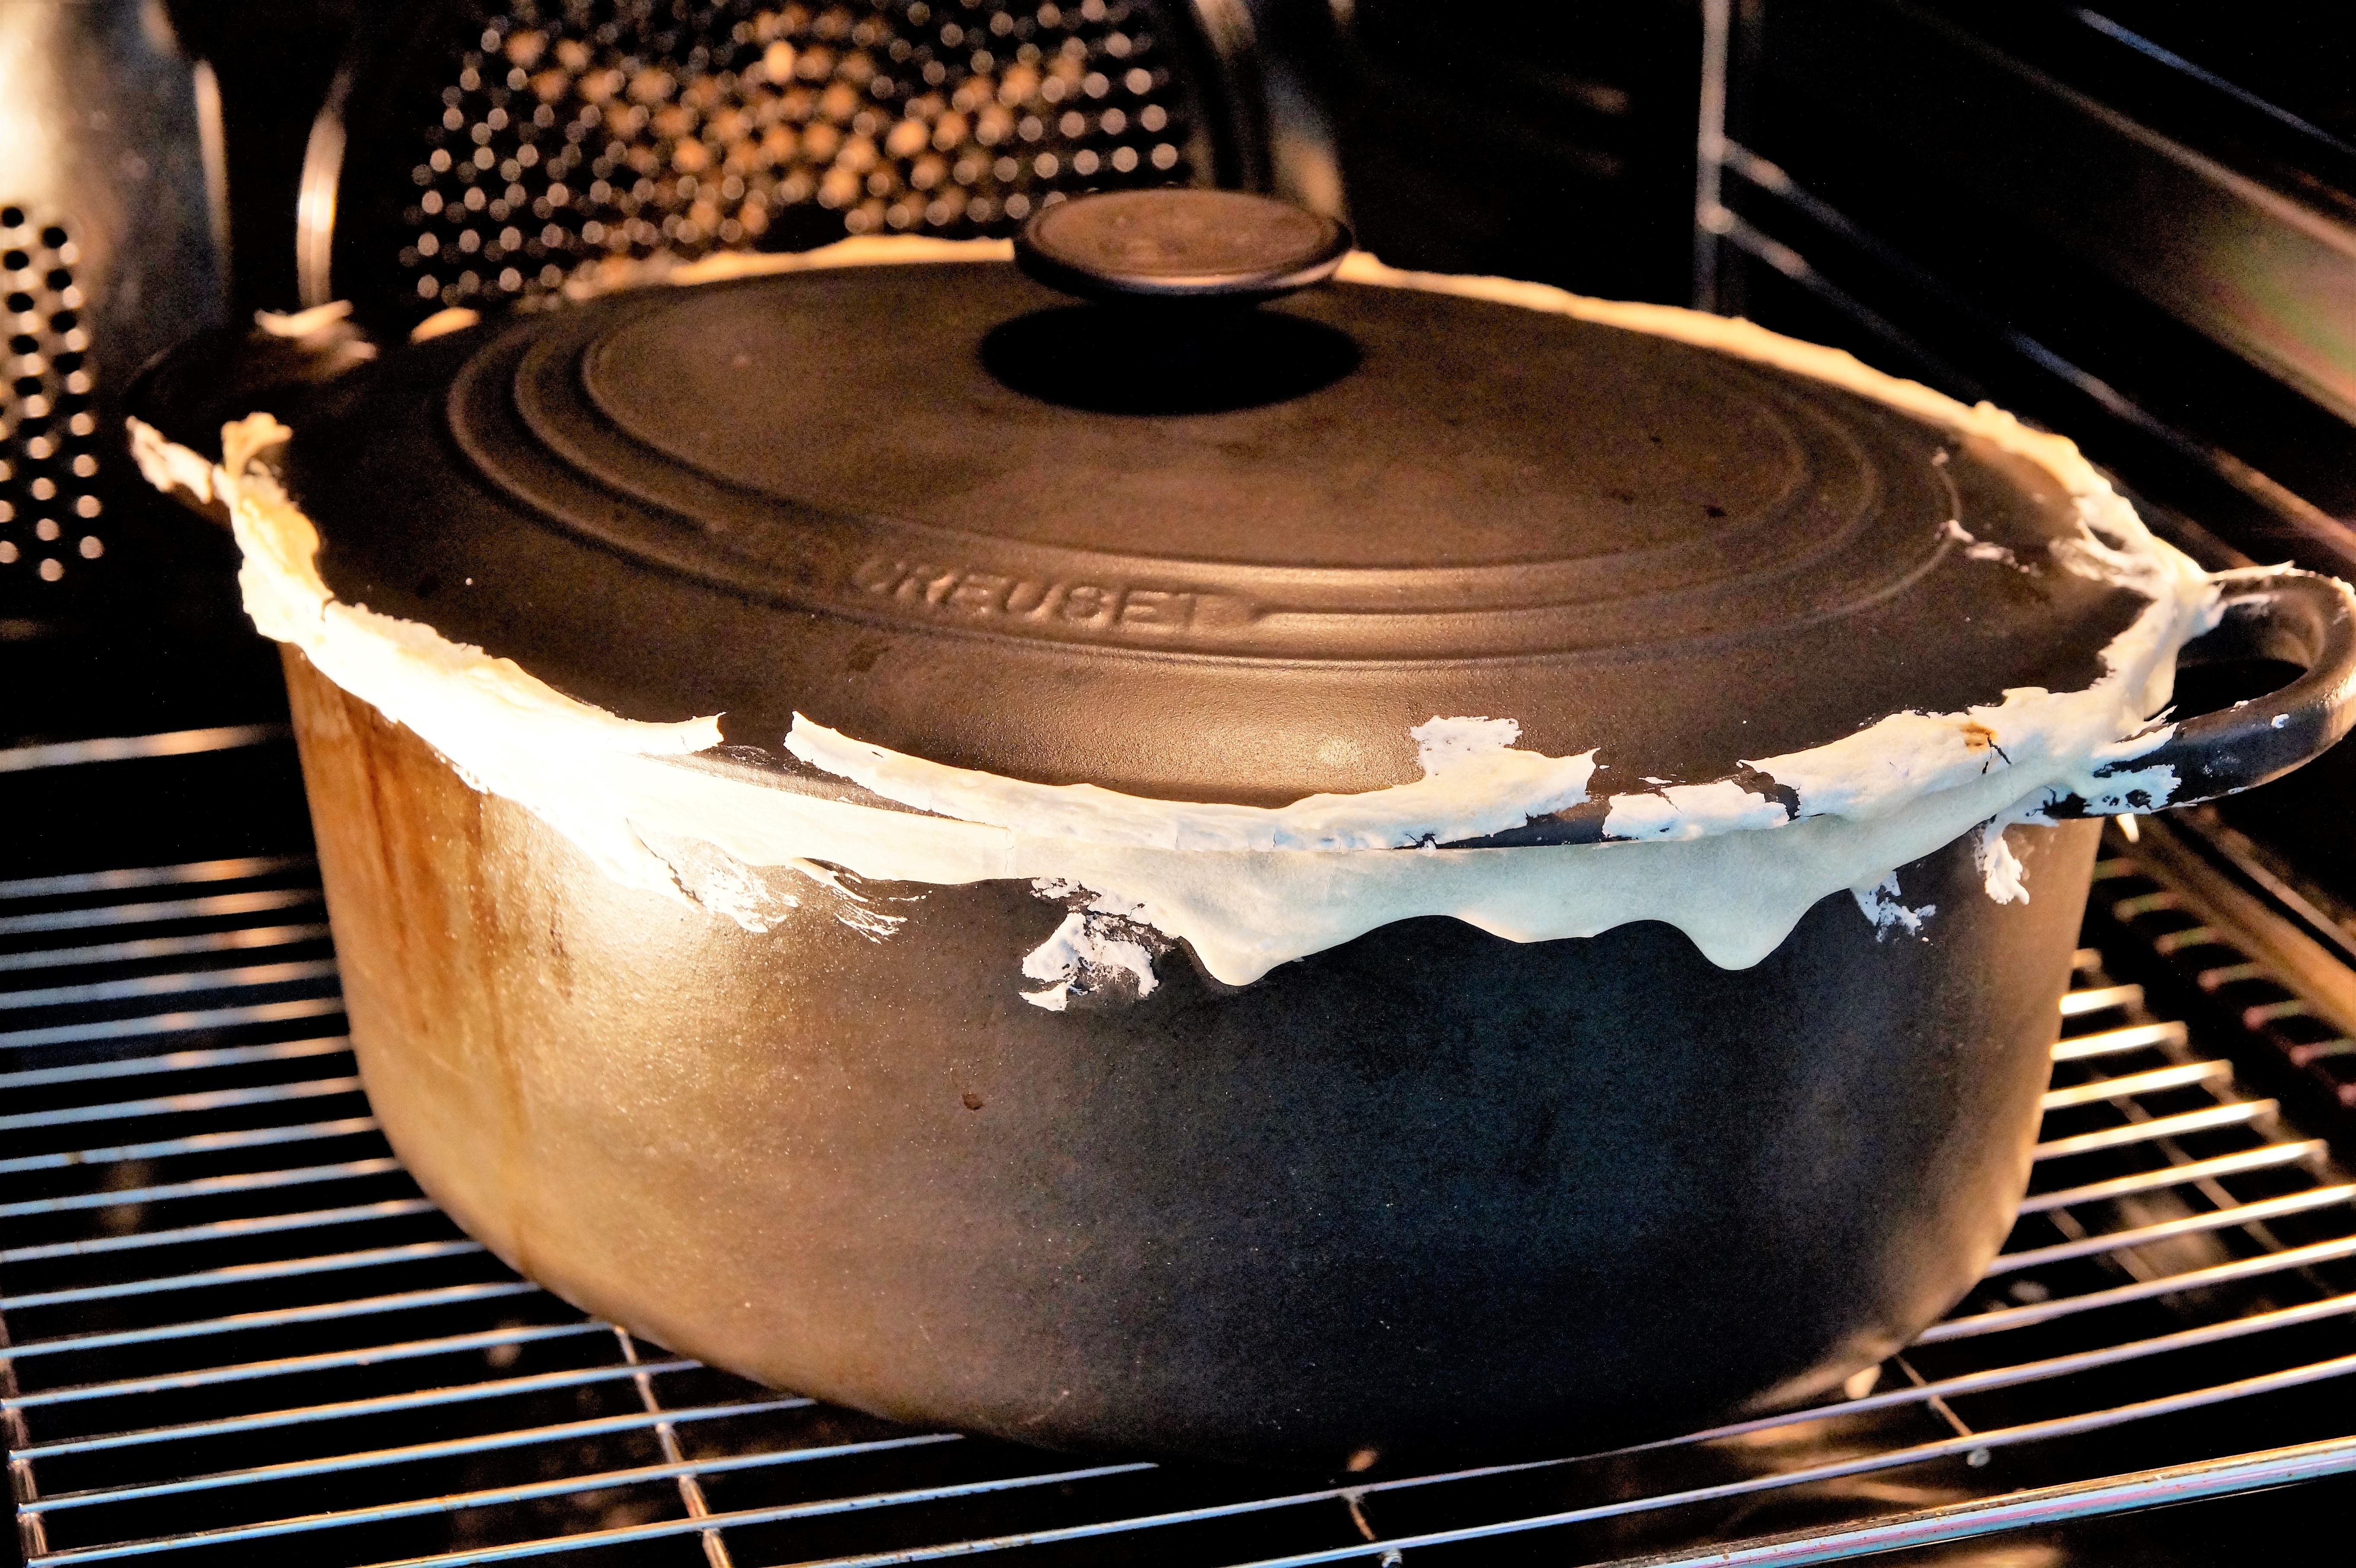 Küchenmaschine 3 Kg Teig